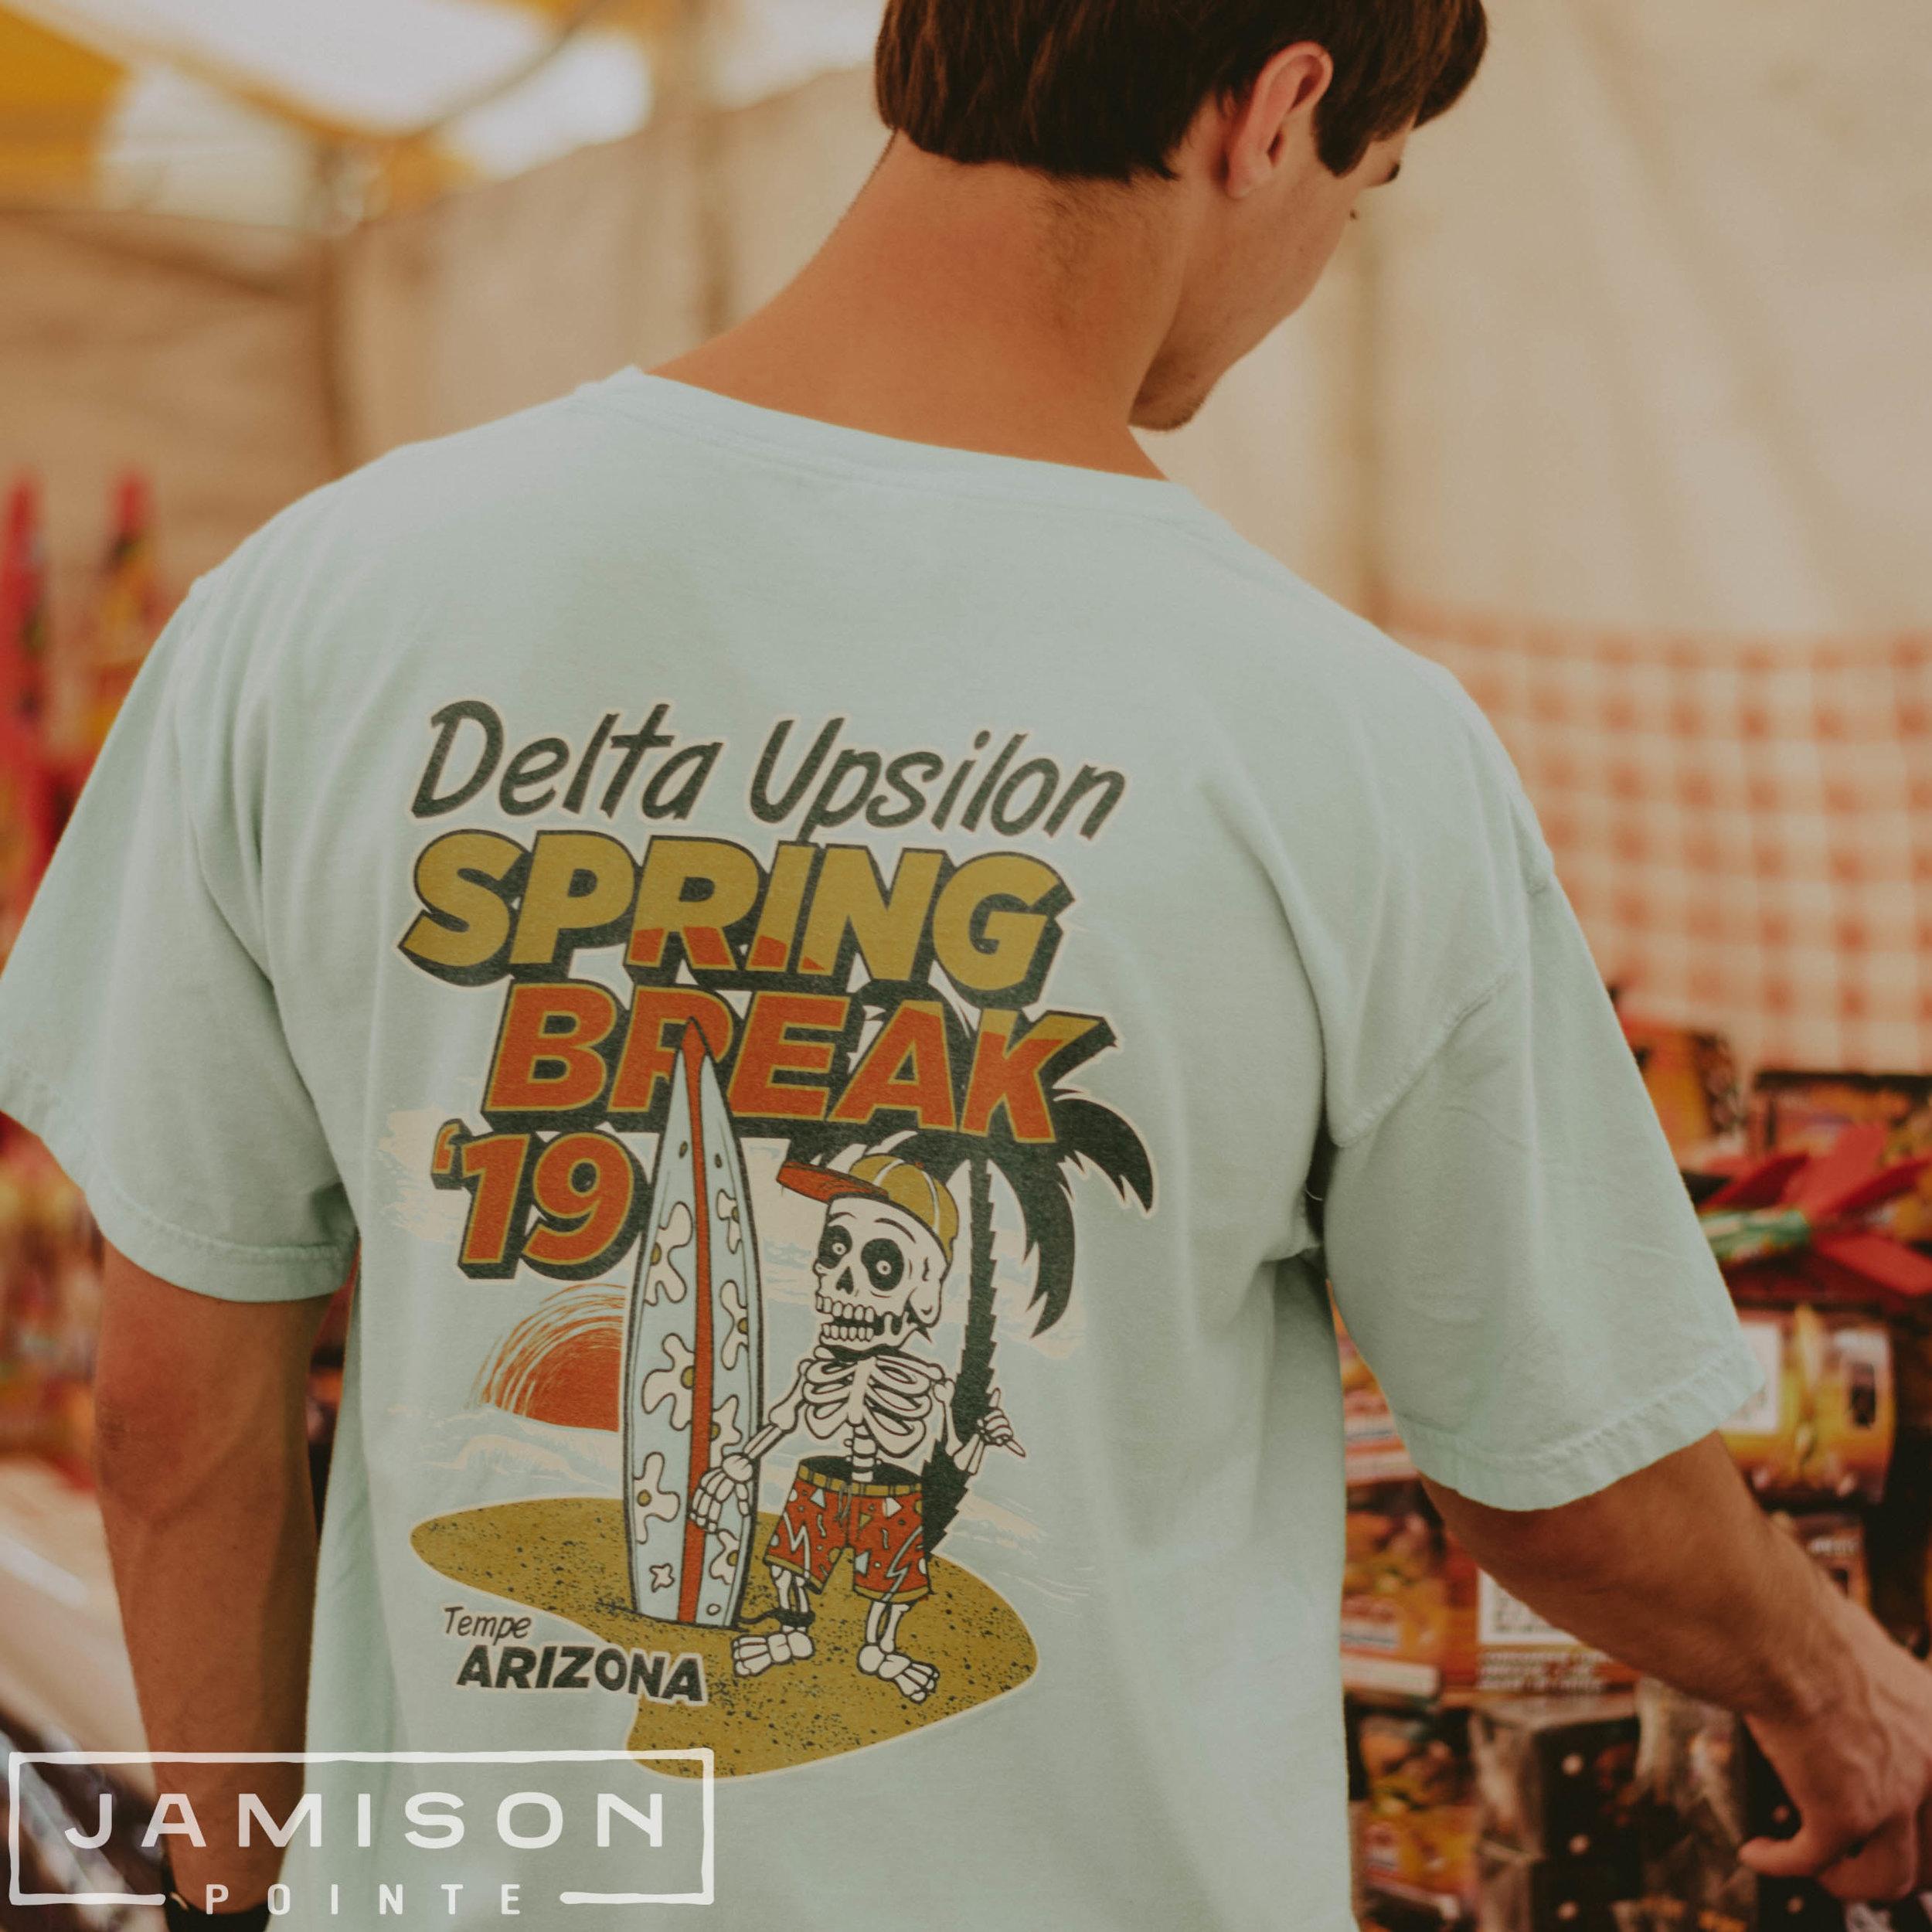 Delta Upsilon Spring Break Tee